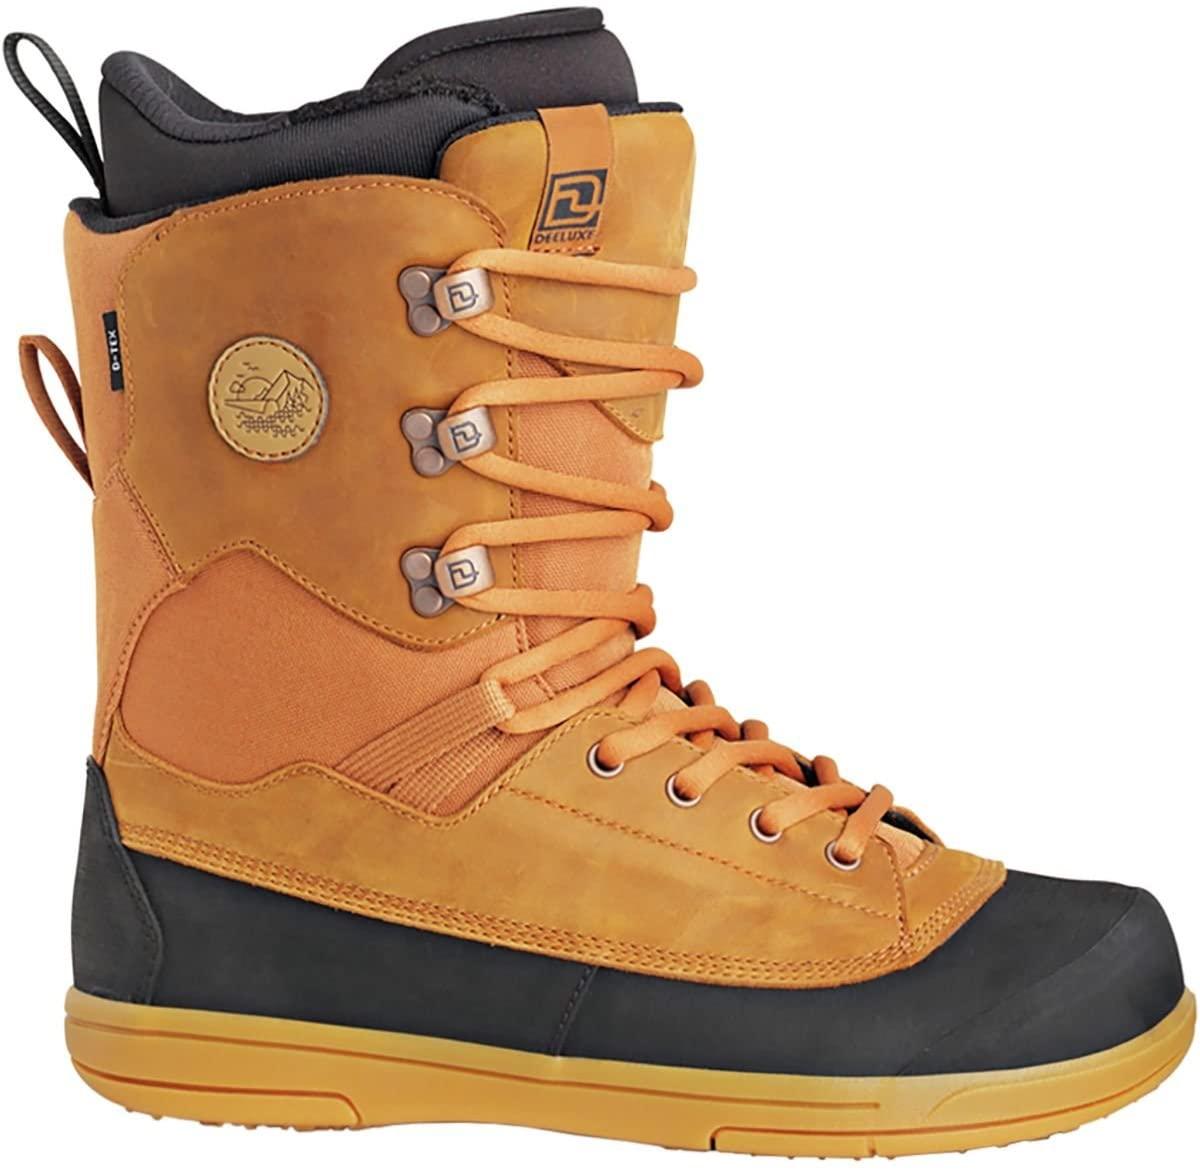 Deeluxe Footloose Powsurf Boot - Men's